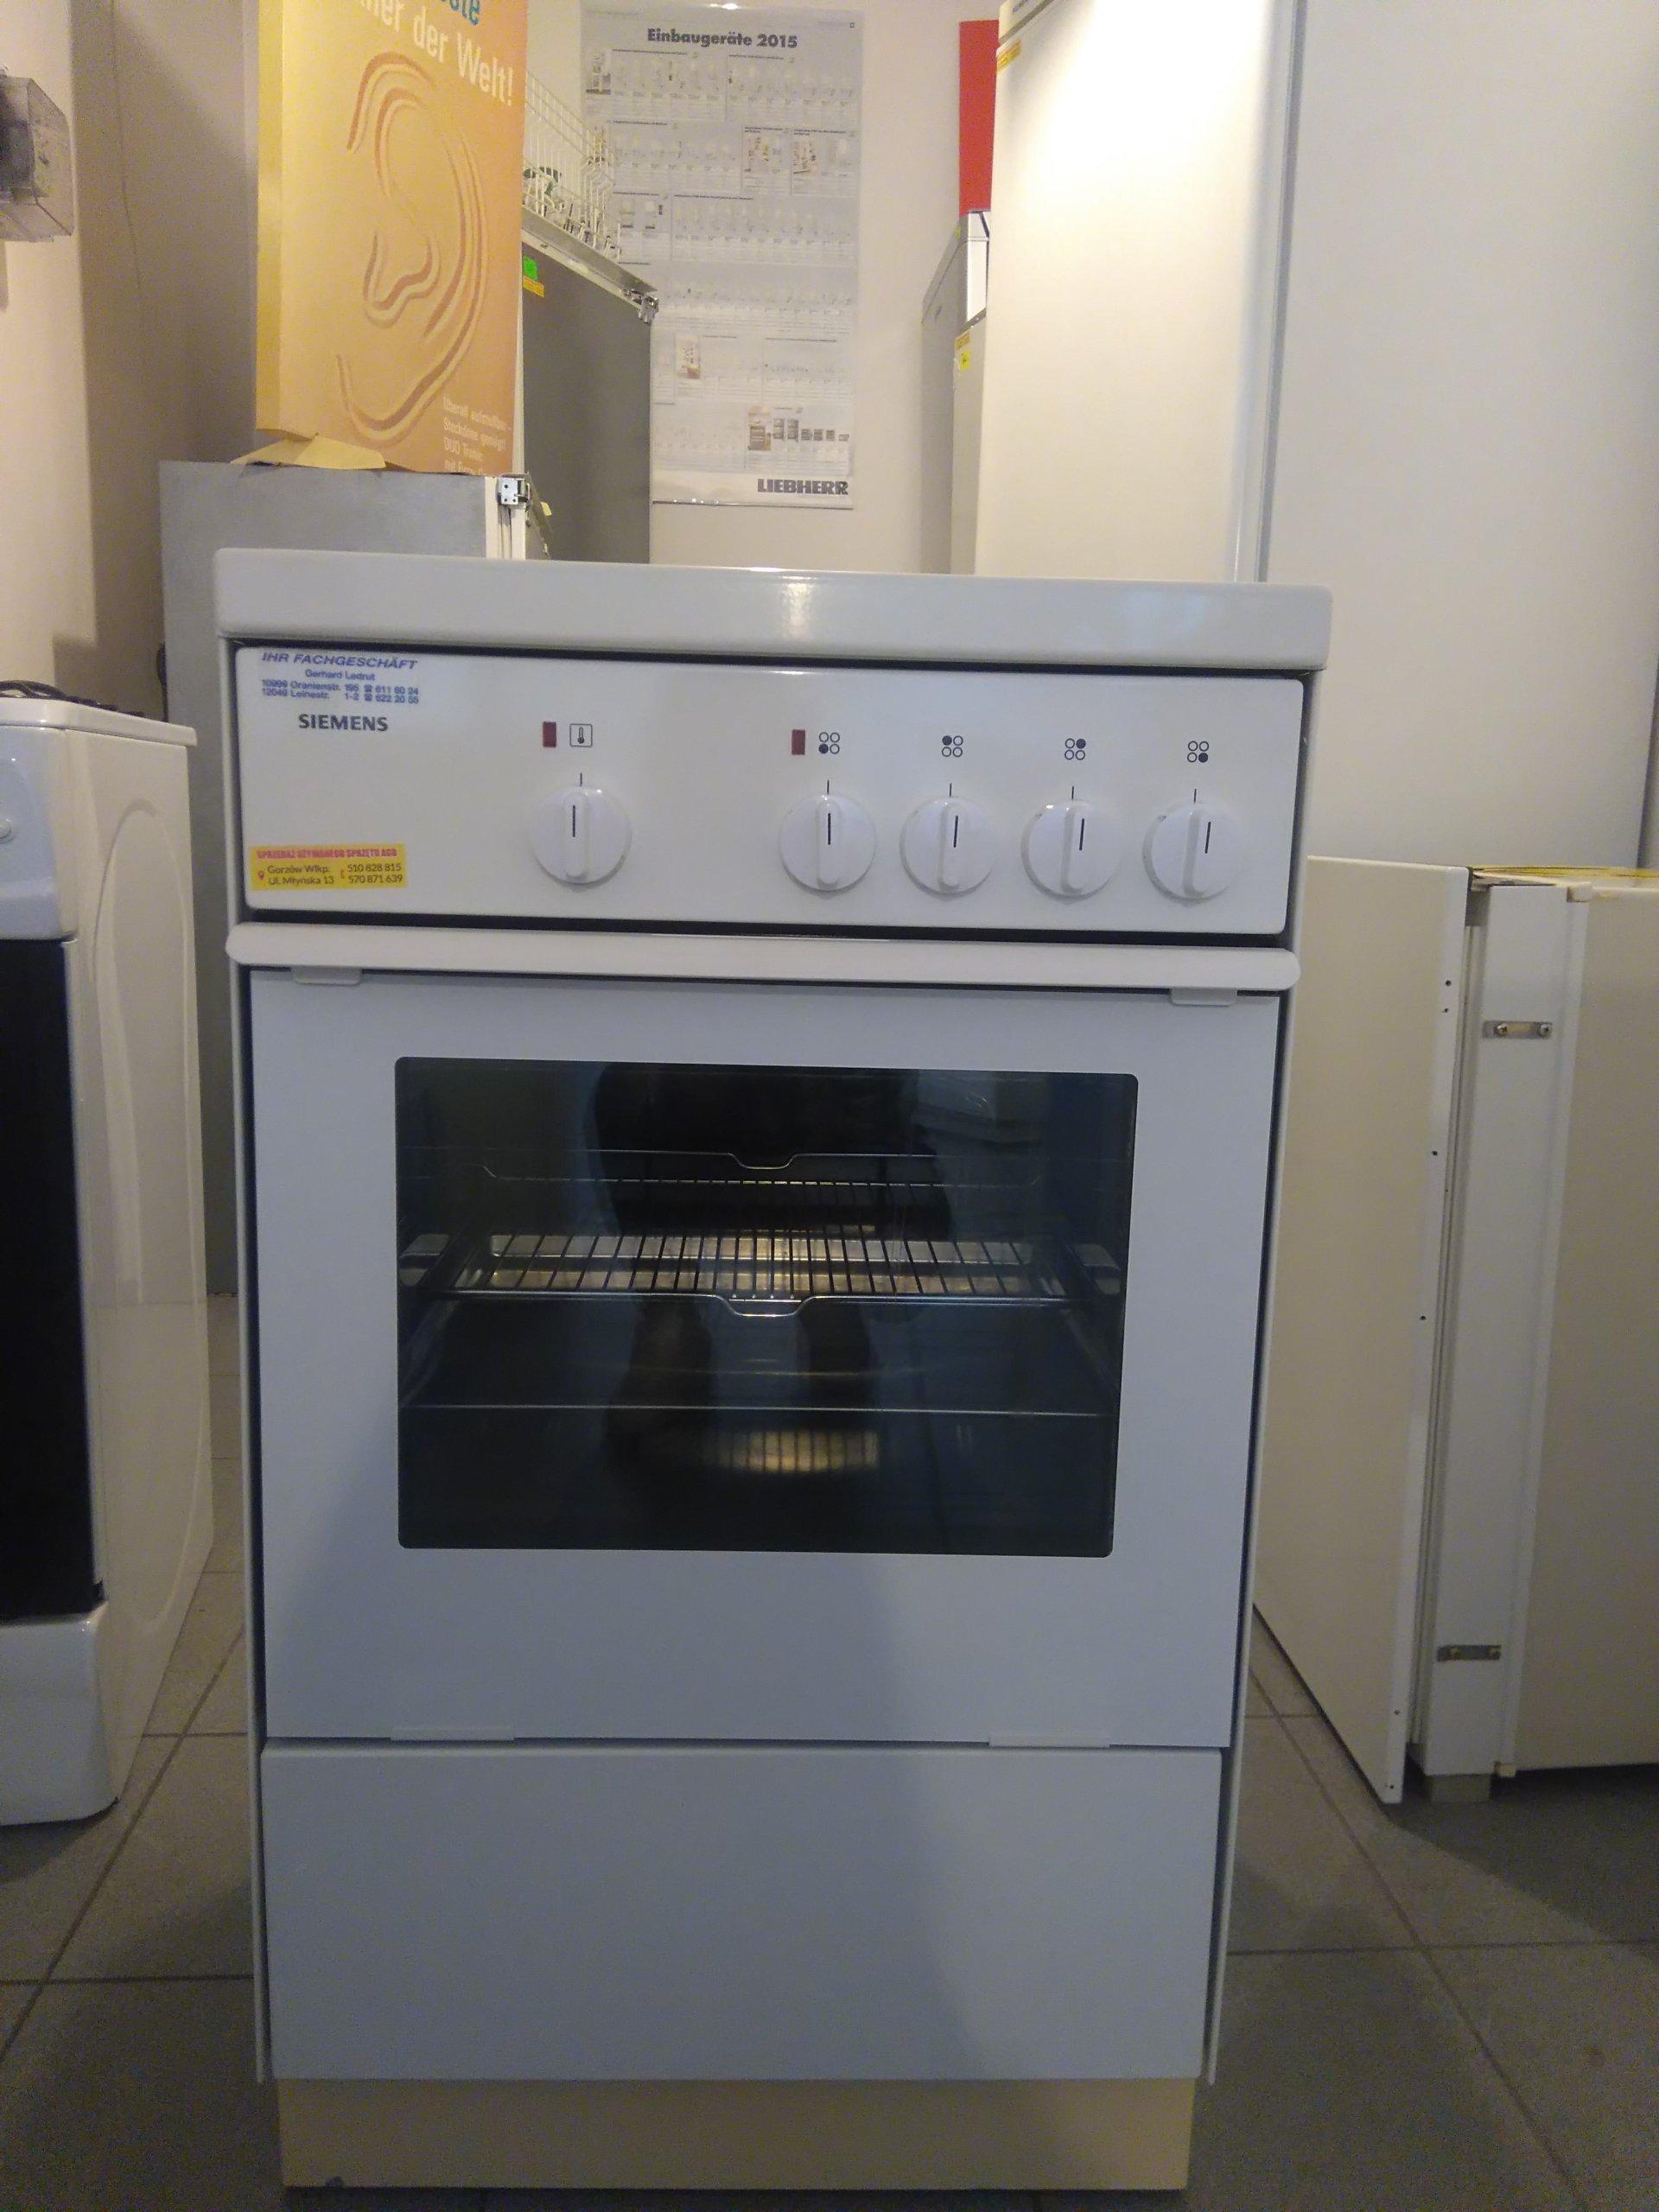 Kuchnia Elektryczna Siemens 7297108475 Oficjalne